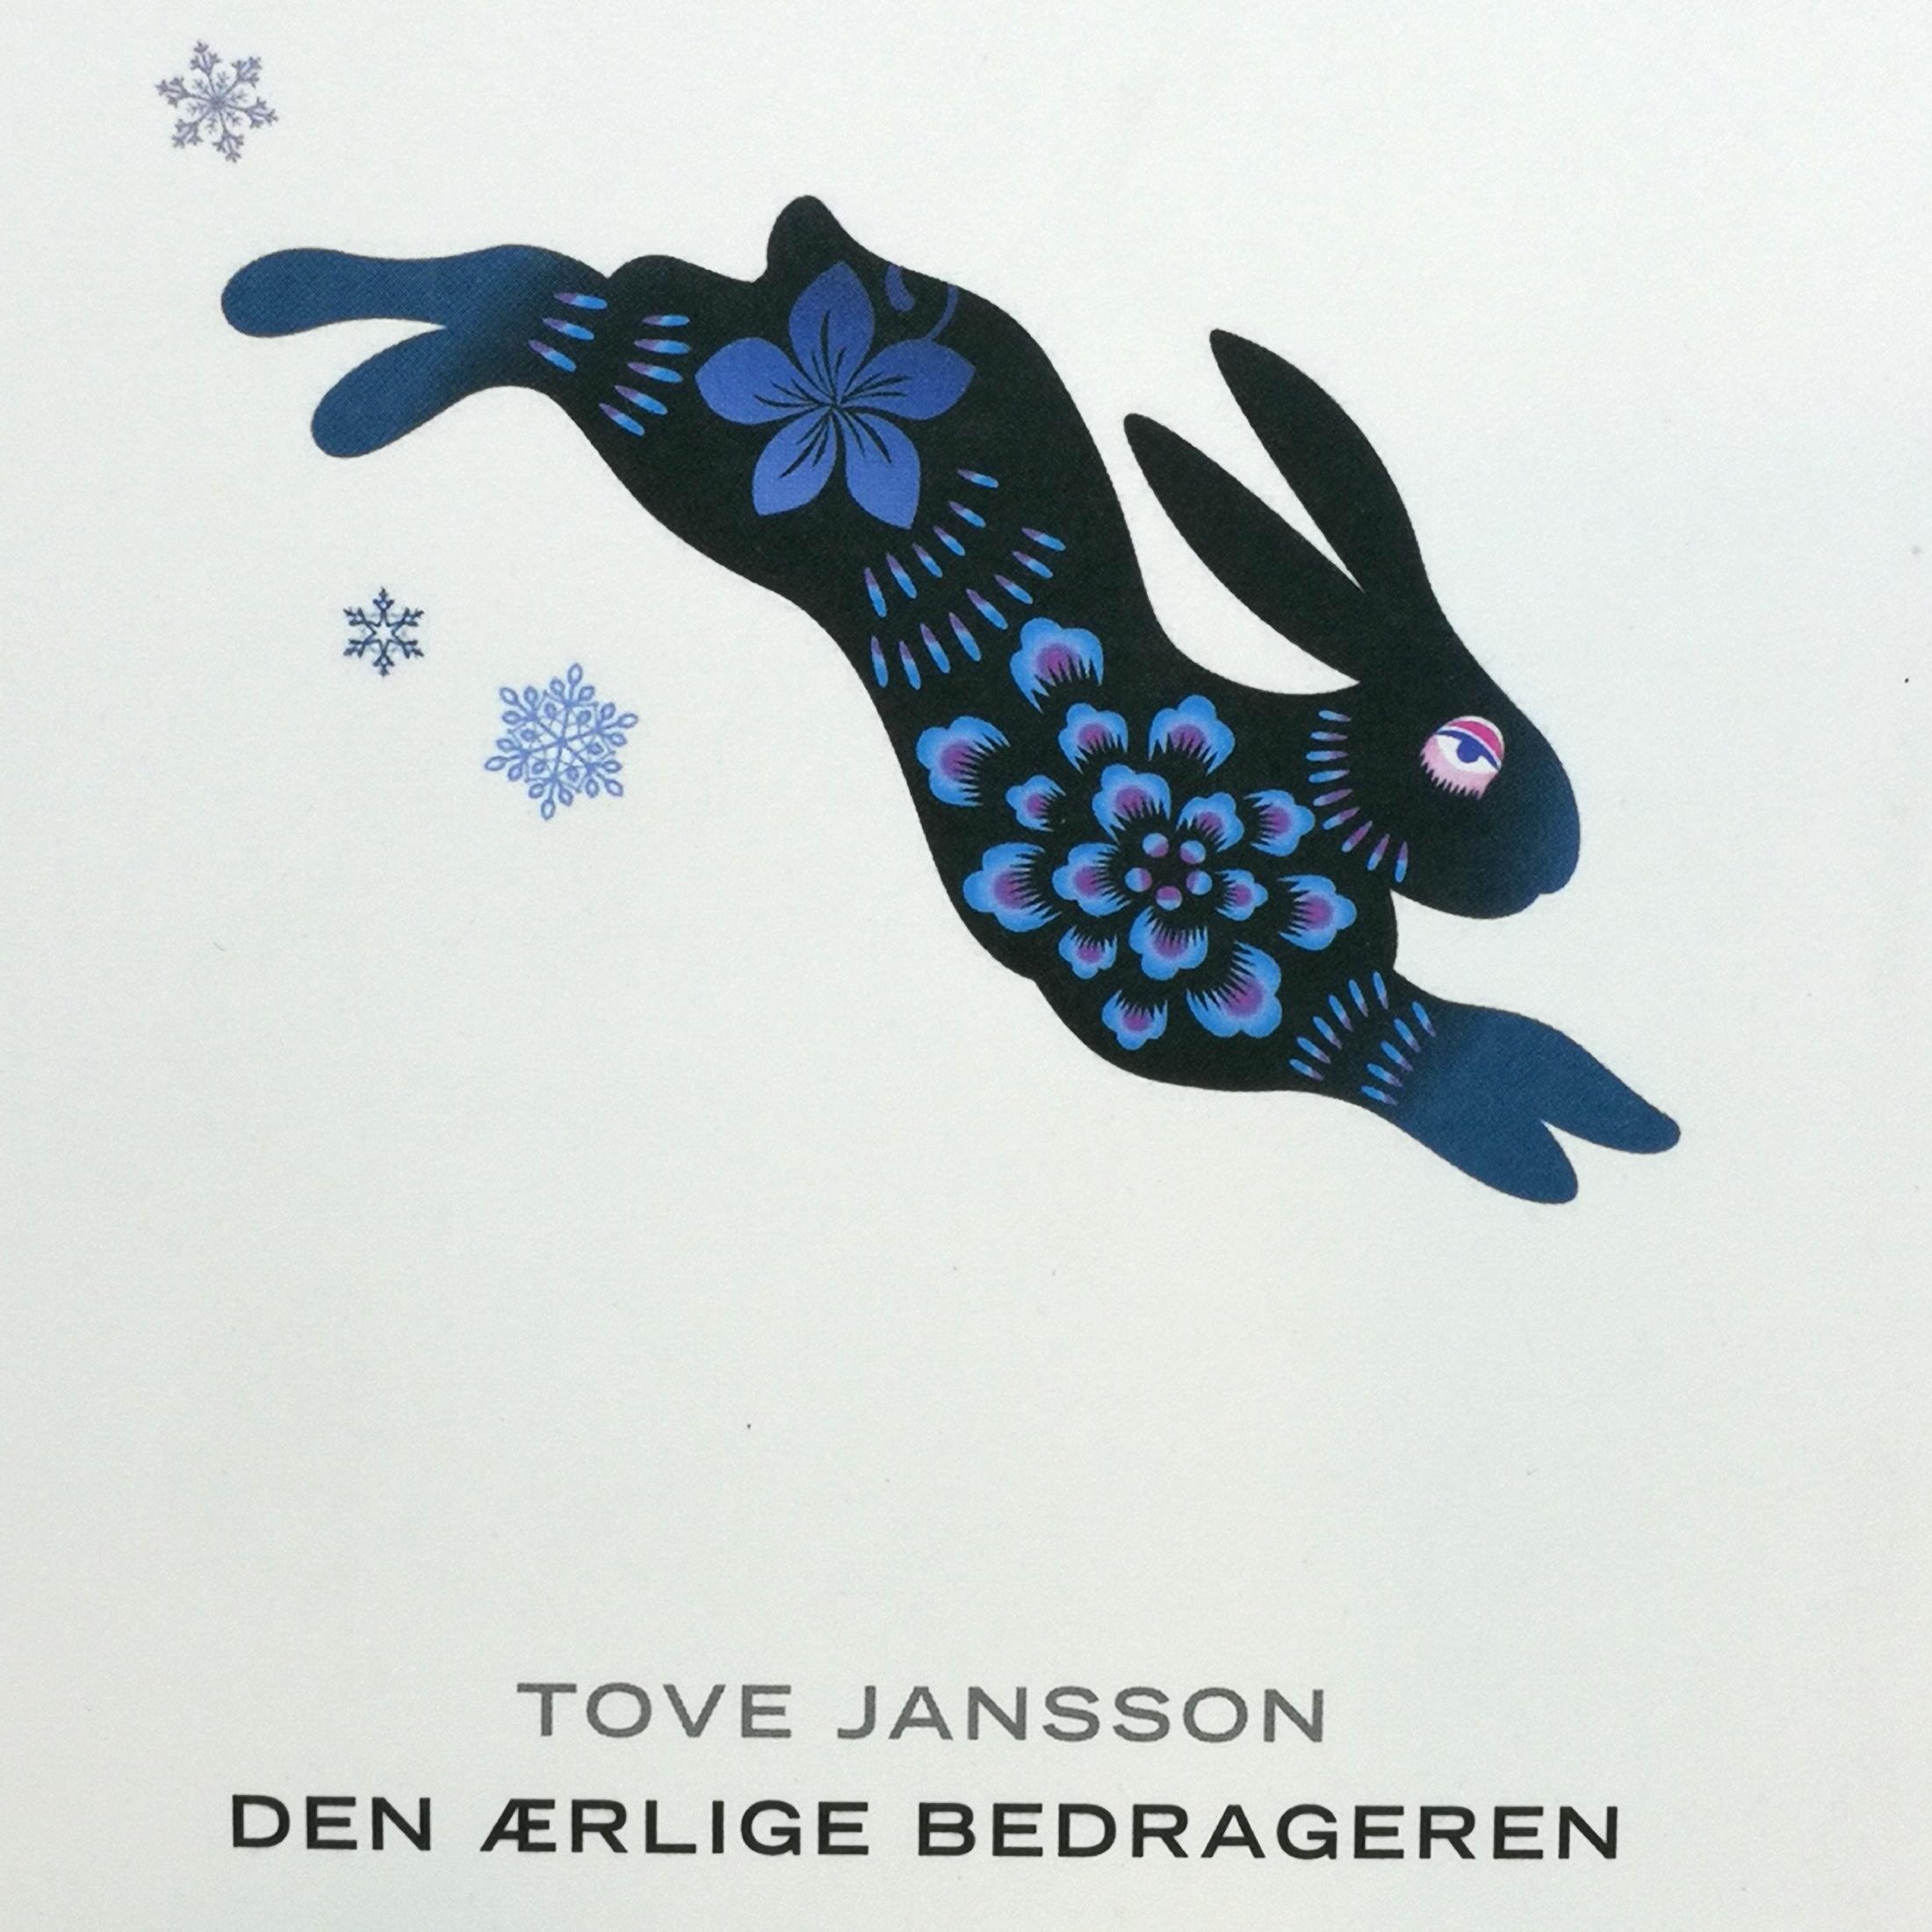 Tove Jansson - Den Ærlige Bedrageren